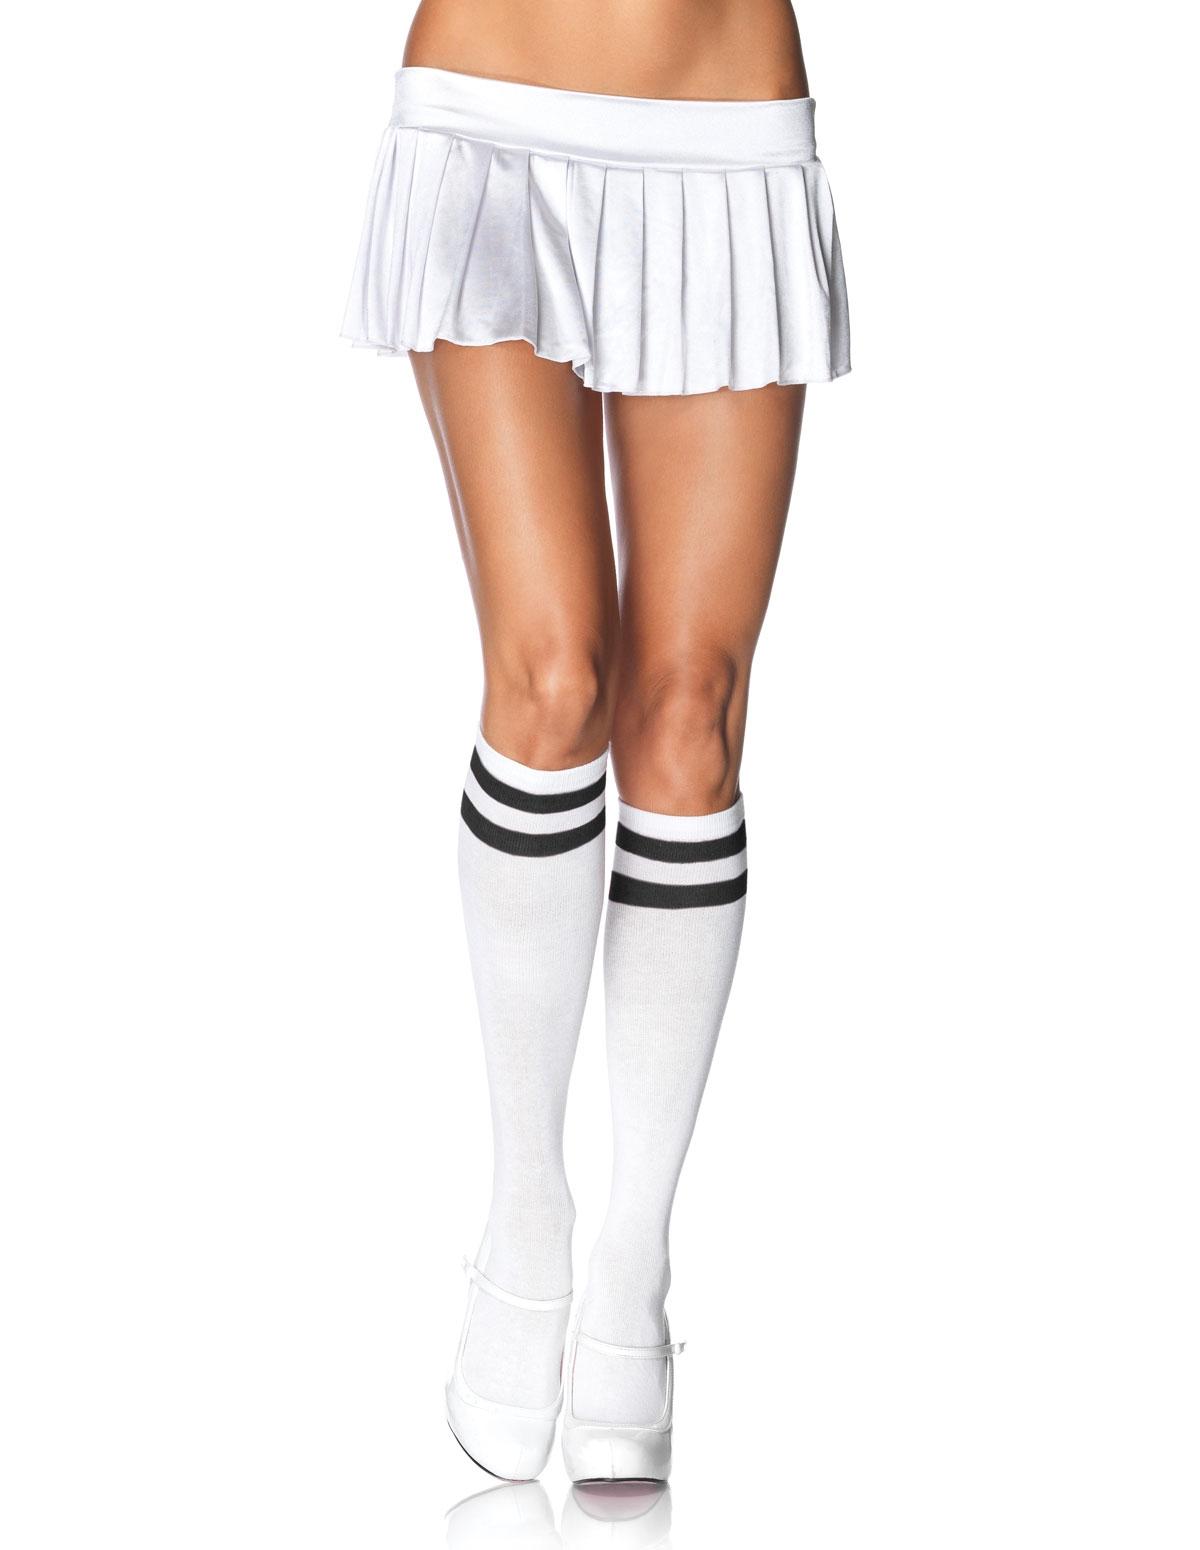 Athletic Knee High Socks